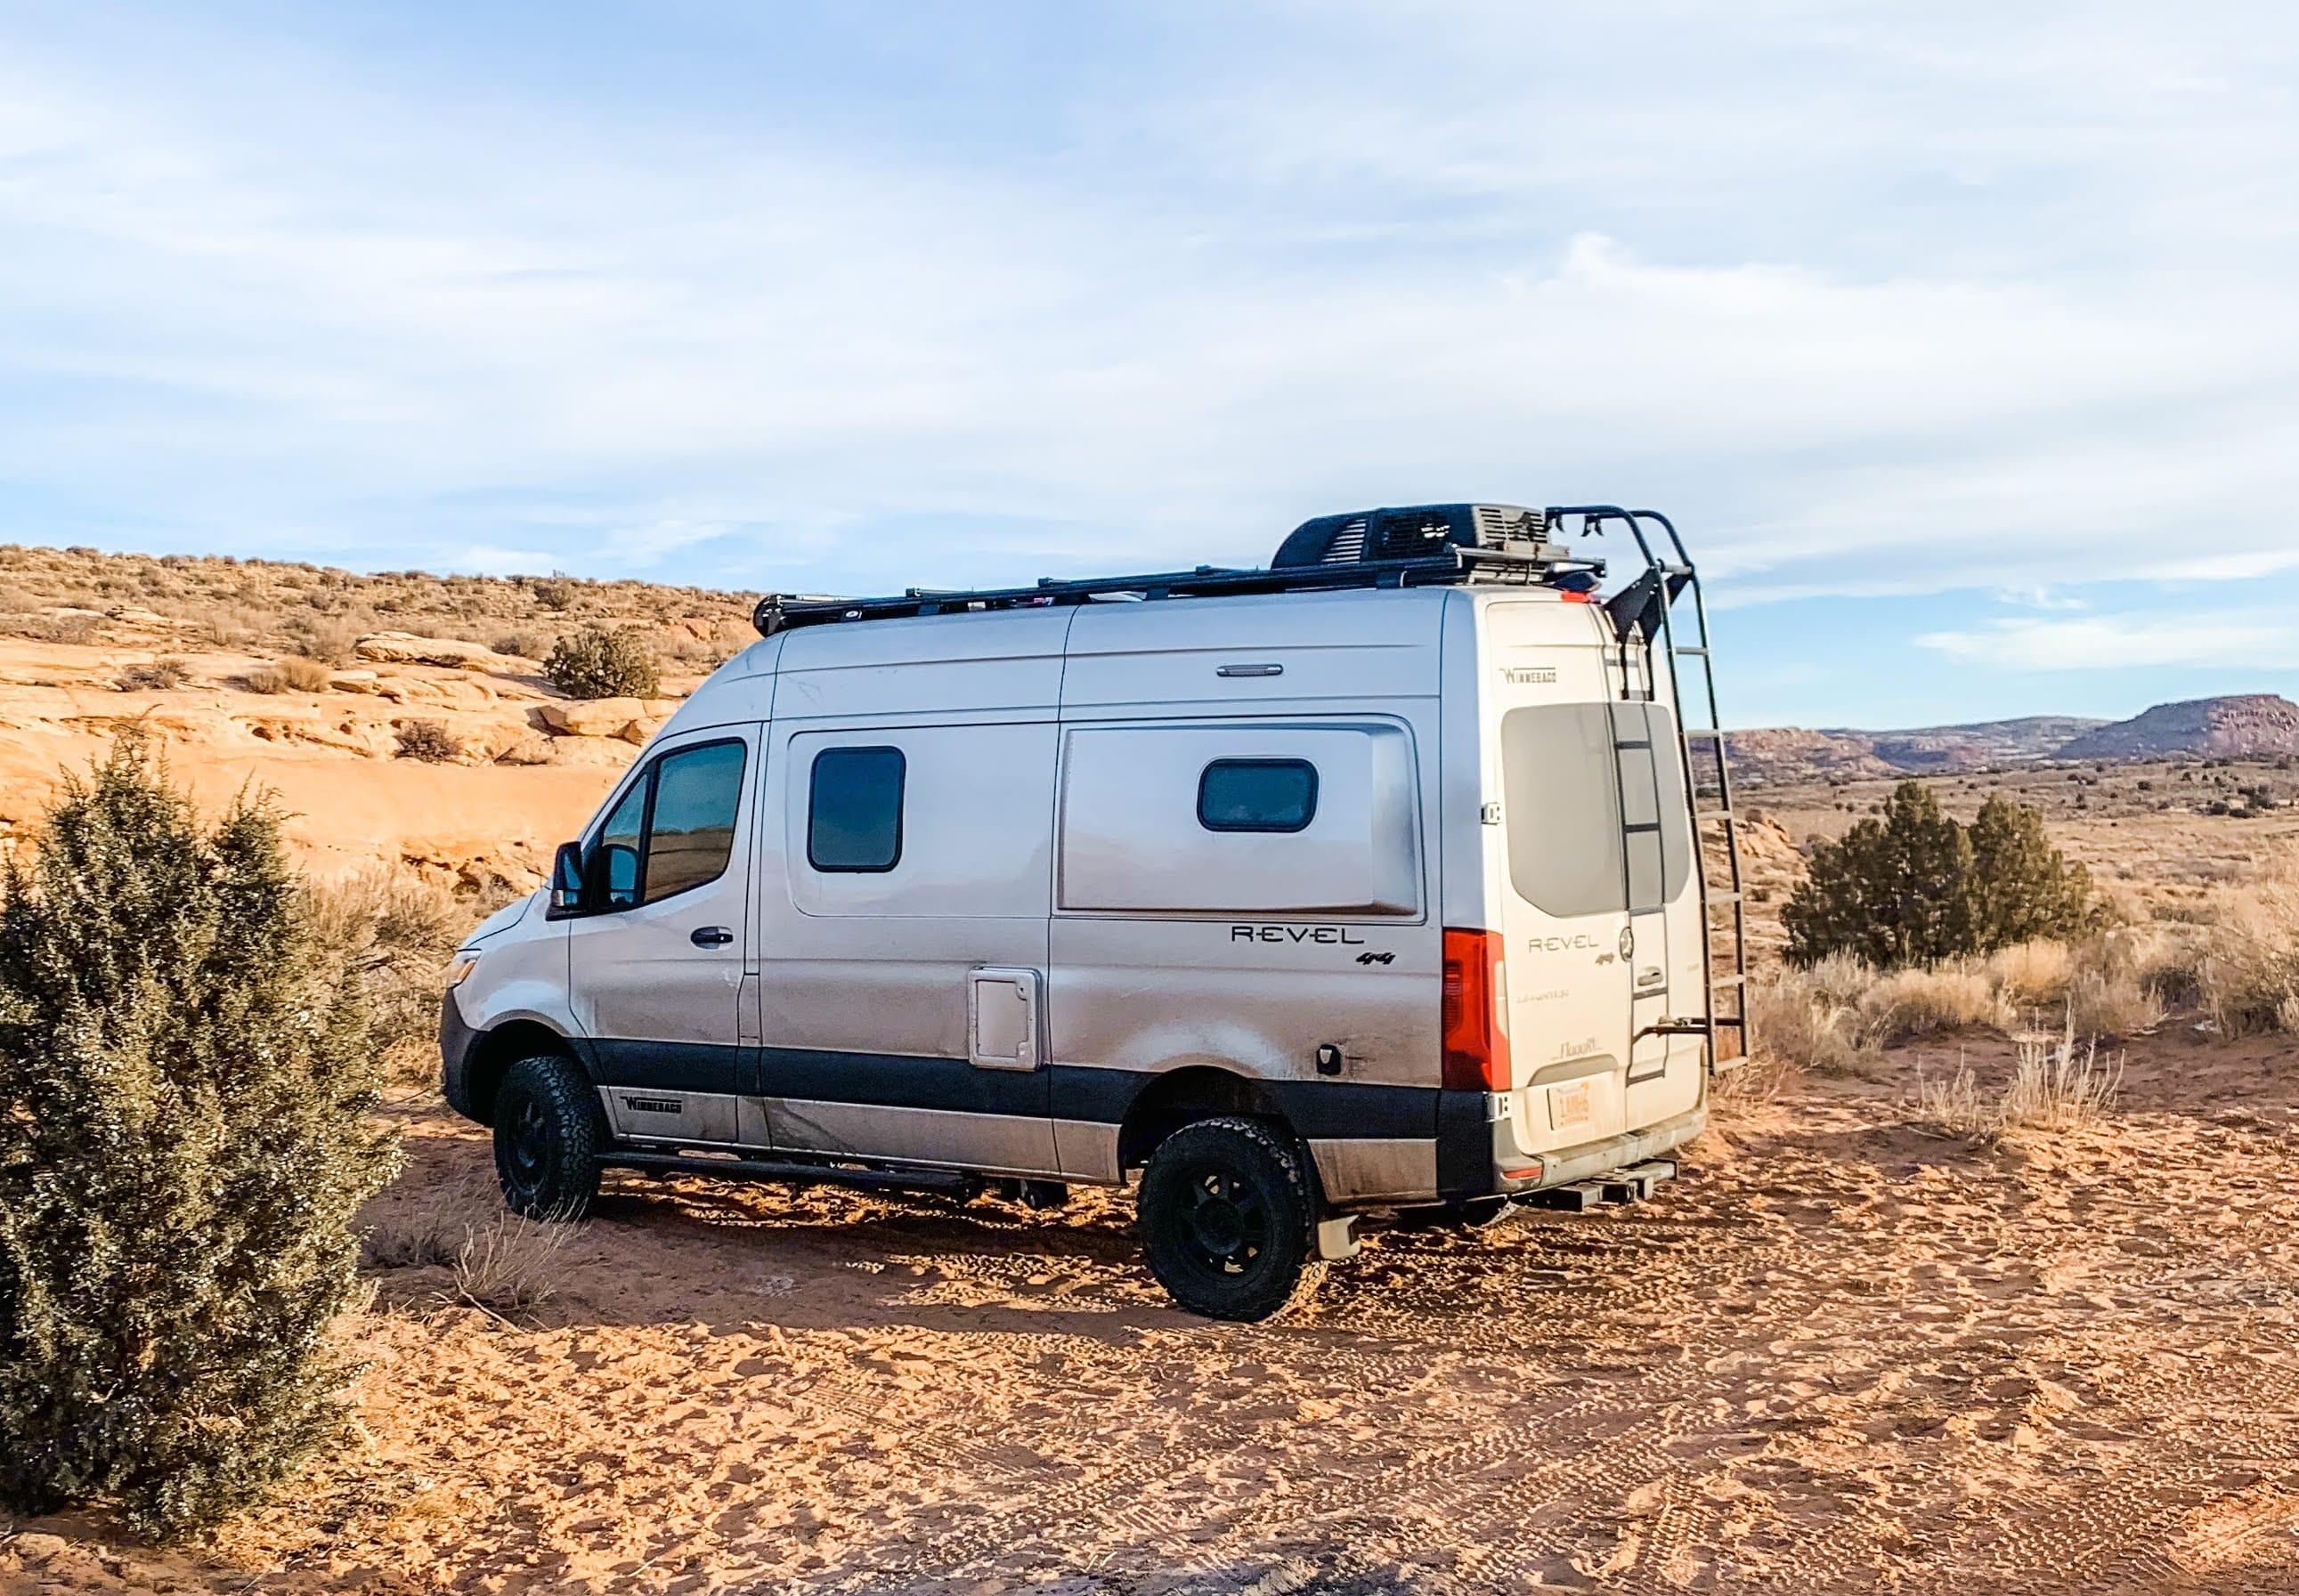 Boondocking in the Rocinante outside Moab, UT. Winnebago Revel 2021